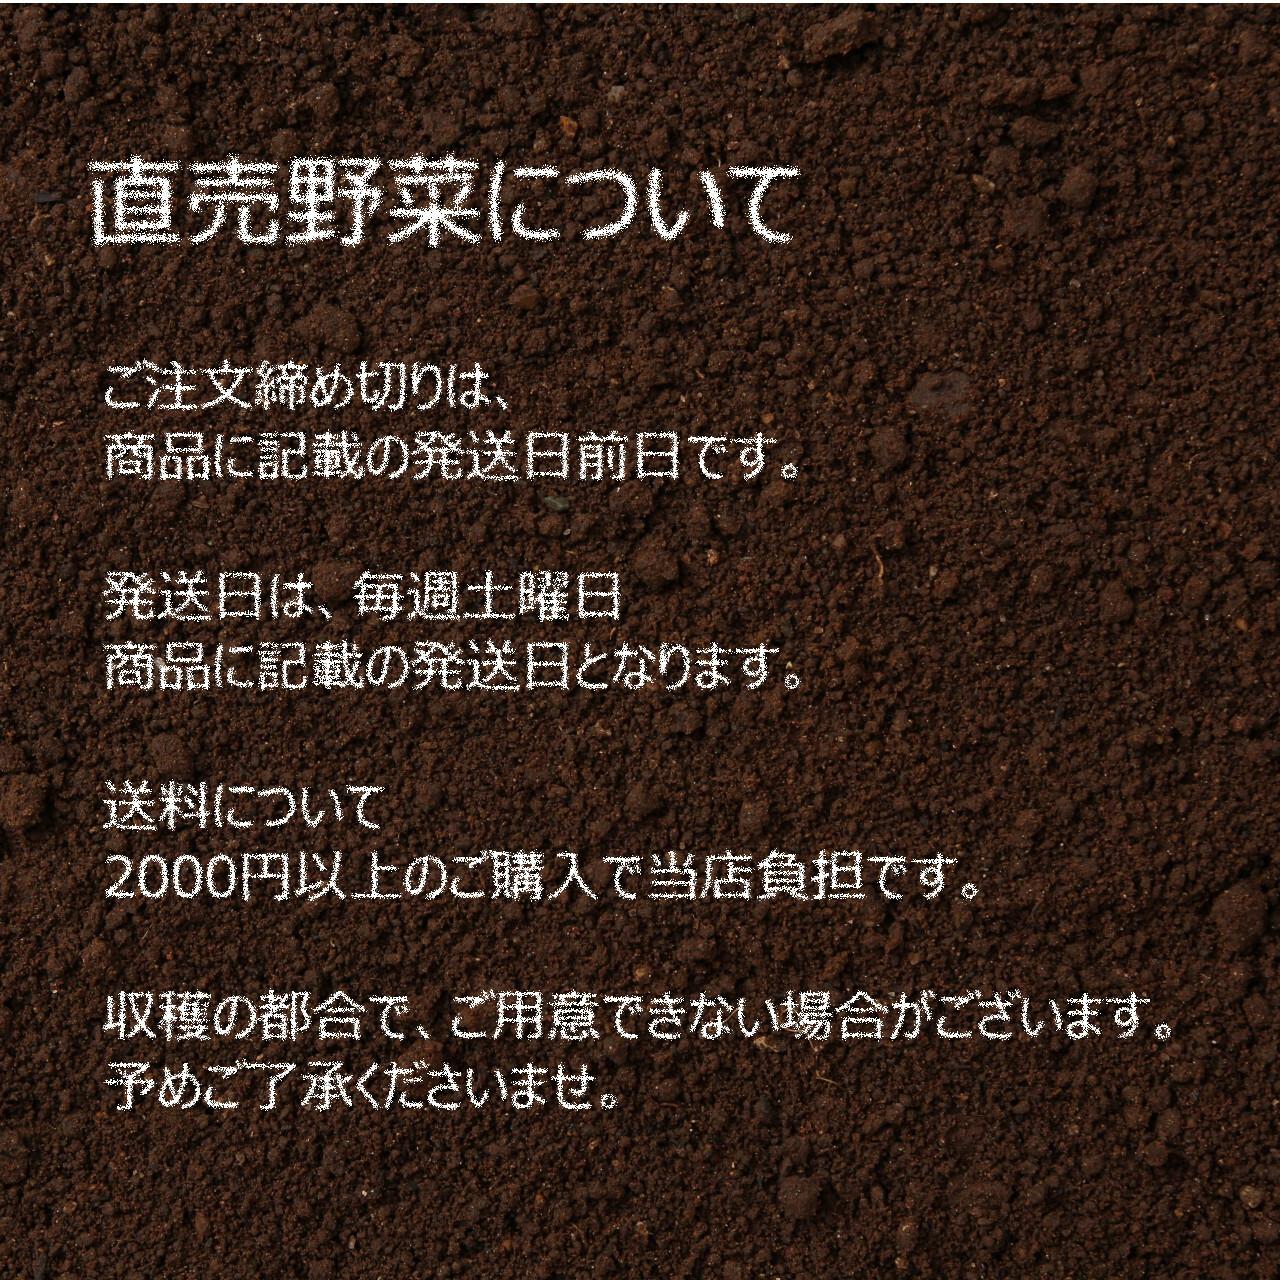 6月朝採り直売野菜 : ネギ 3~4本  春の新鮮野菜 6月5日発送予定